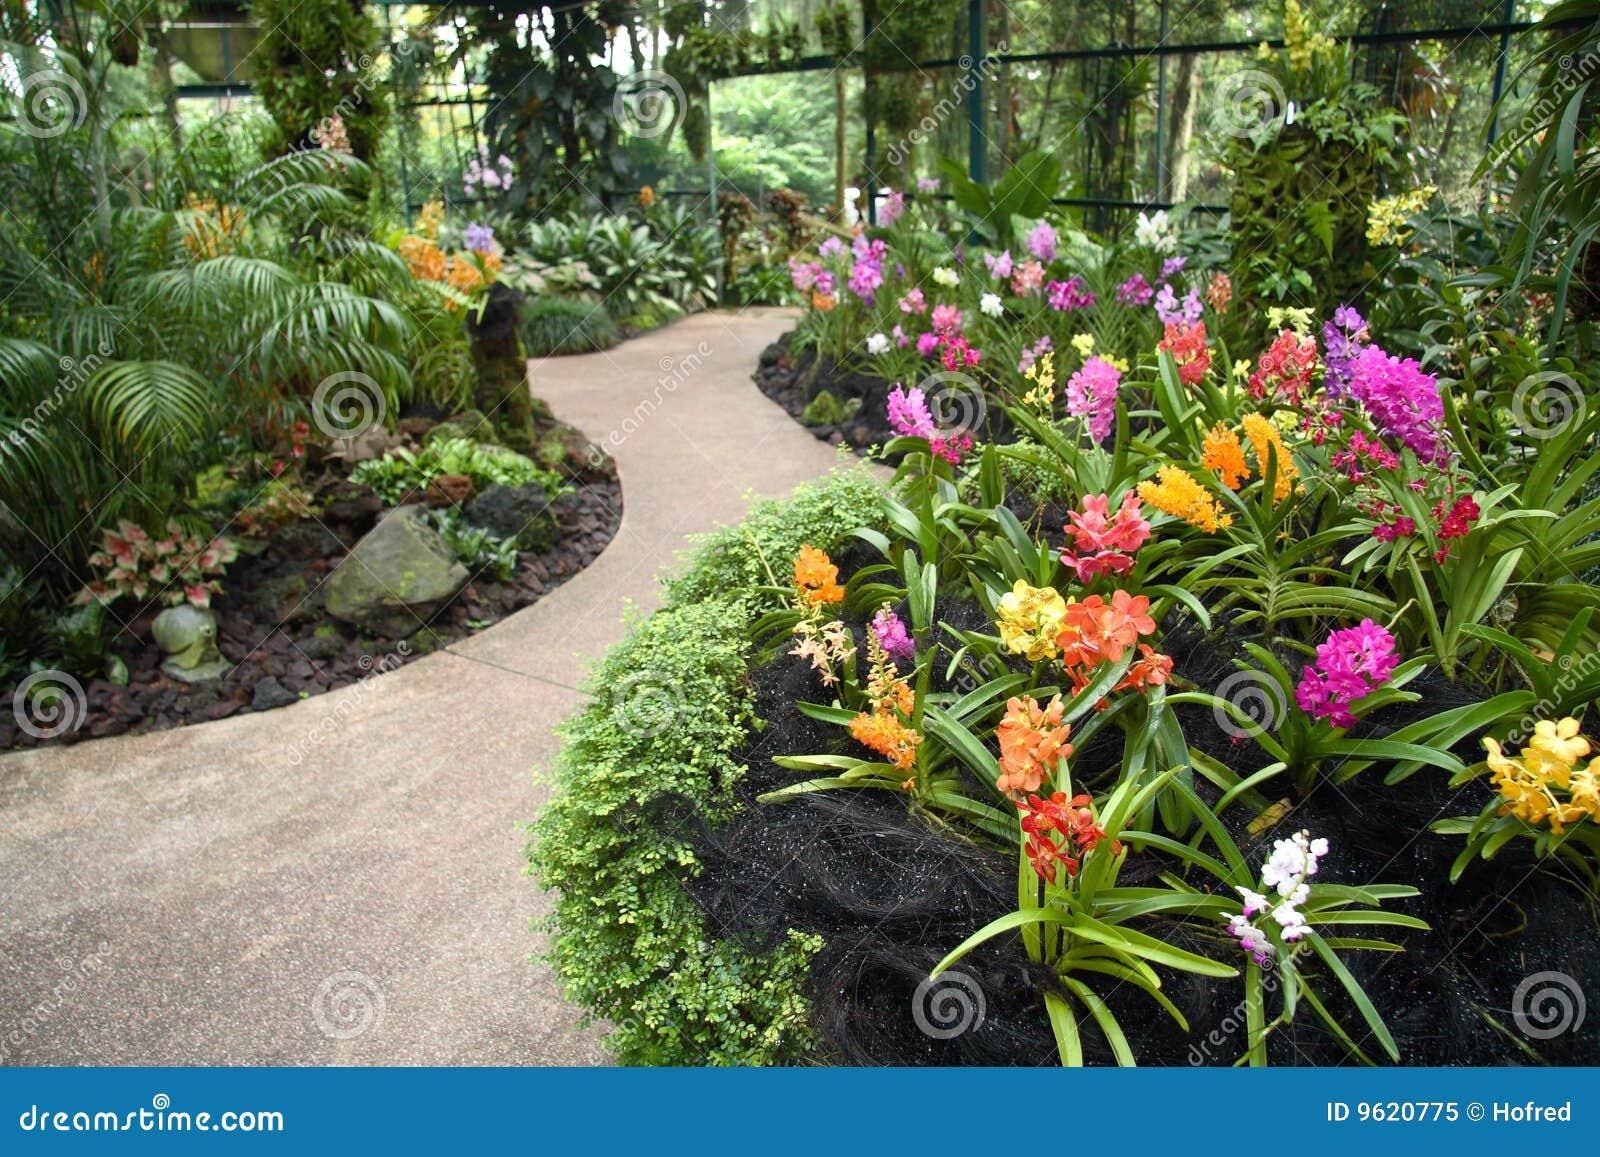 de tuin van de orchidee stock afbeelding afbeelding bestaande uit toon 9620775. Black Bedroom Furniture Sets. Home Design Ideas